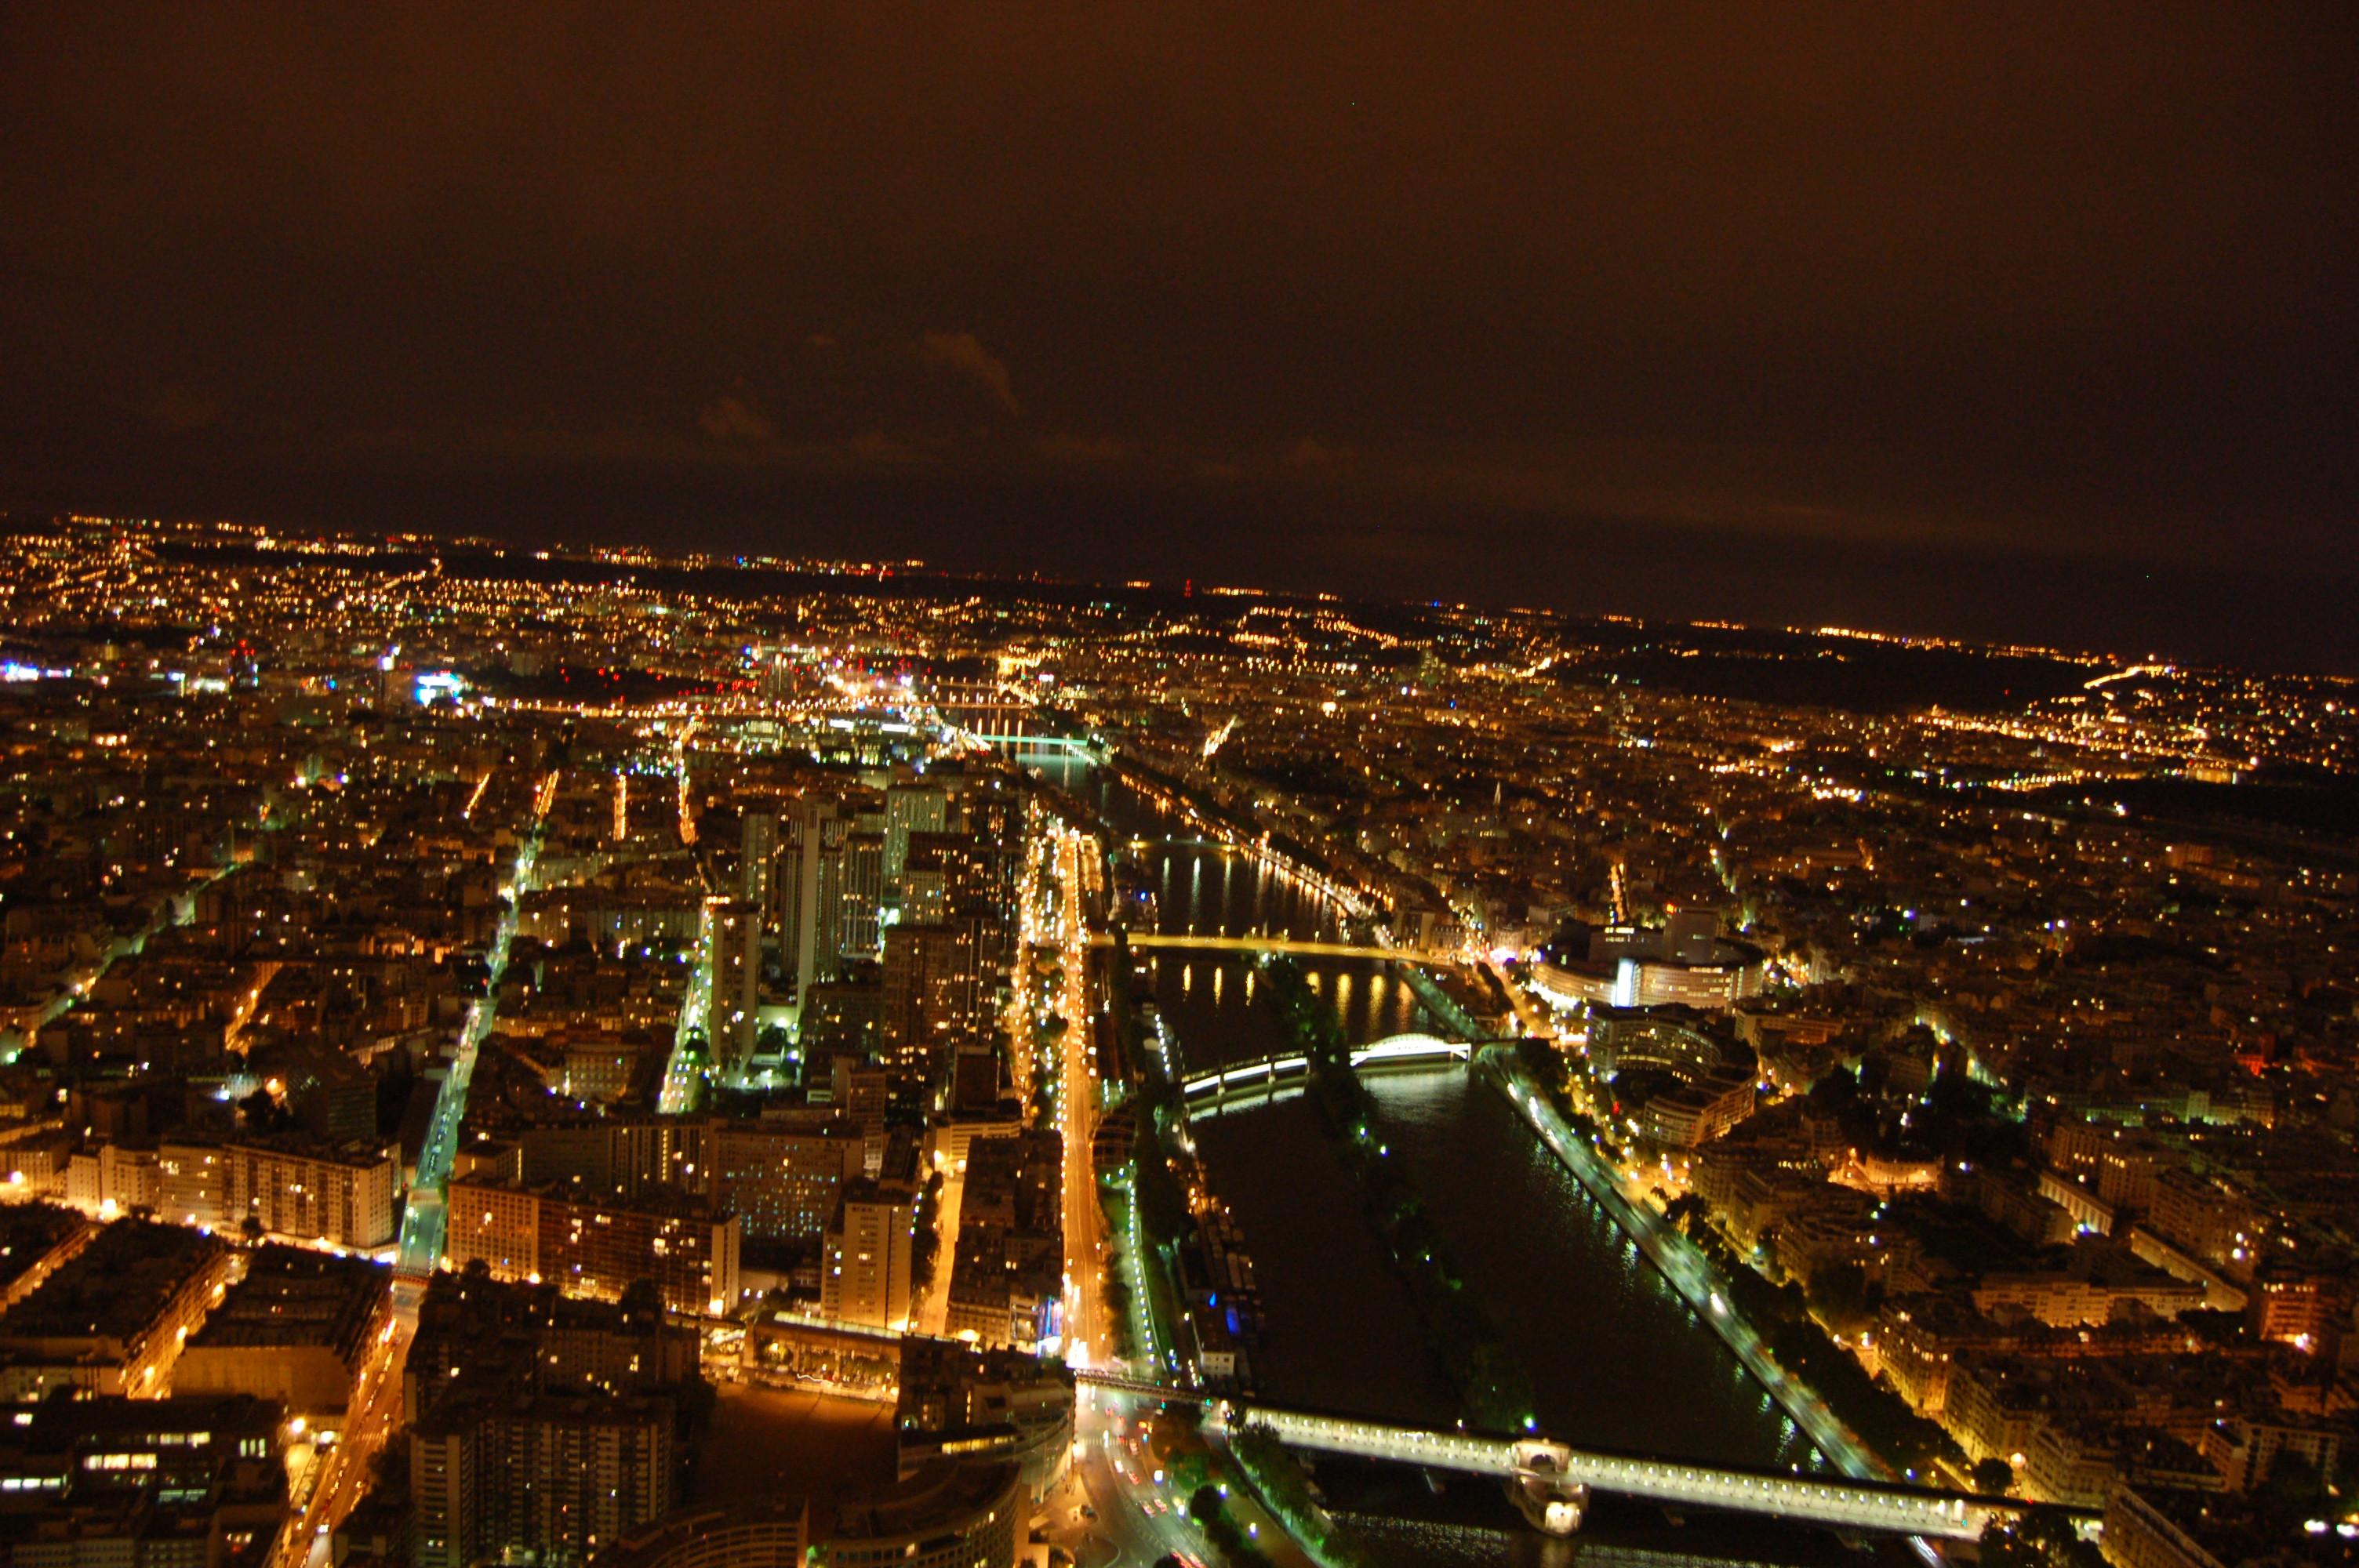 noční pohled z Eiffleovy věže.JPG